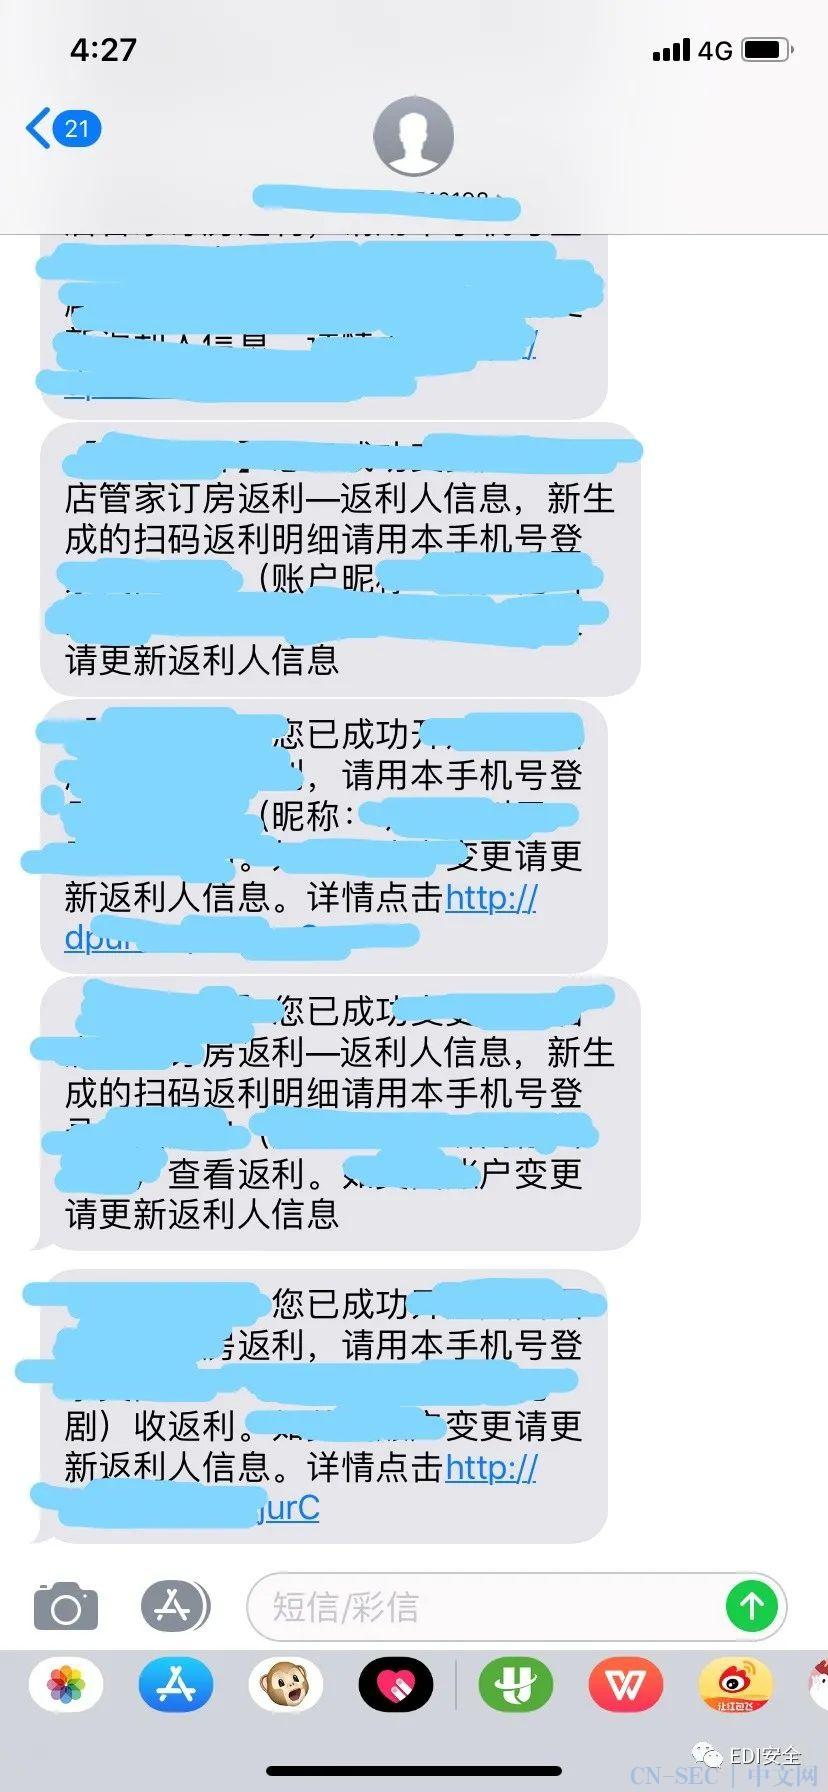 某酒店管家中存在短信炸弹逻辑漏洞